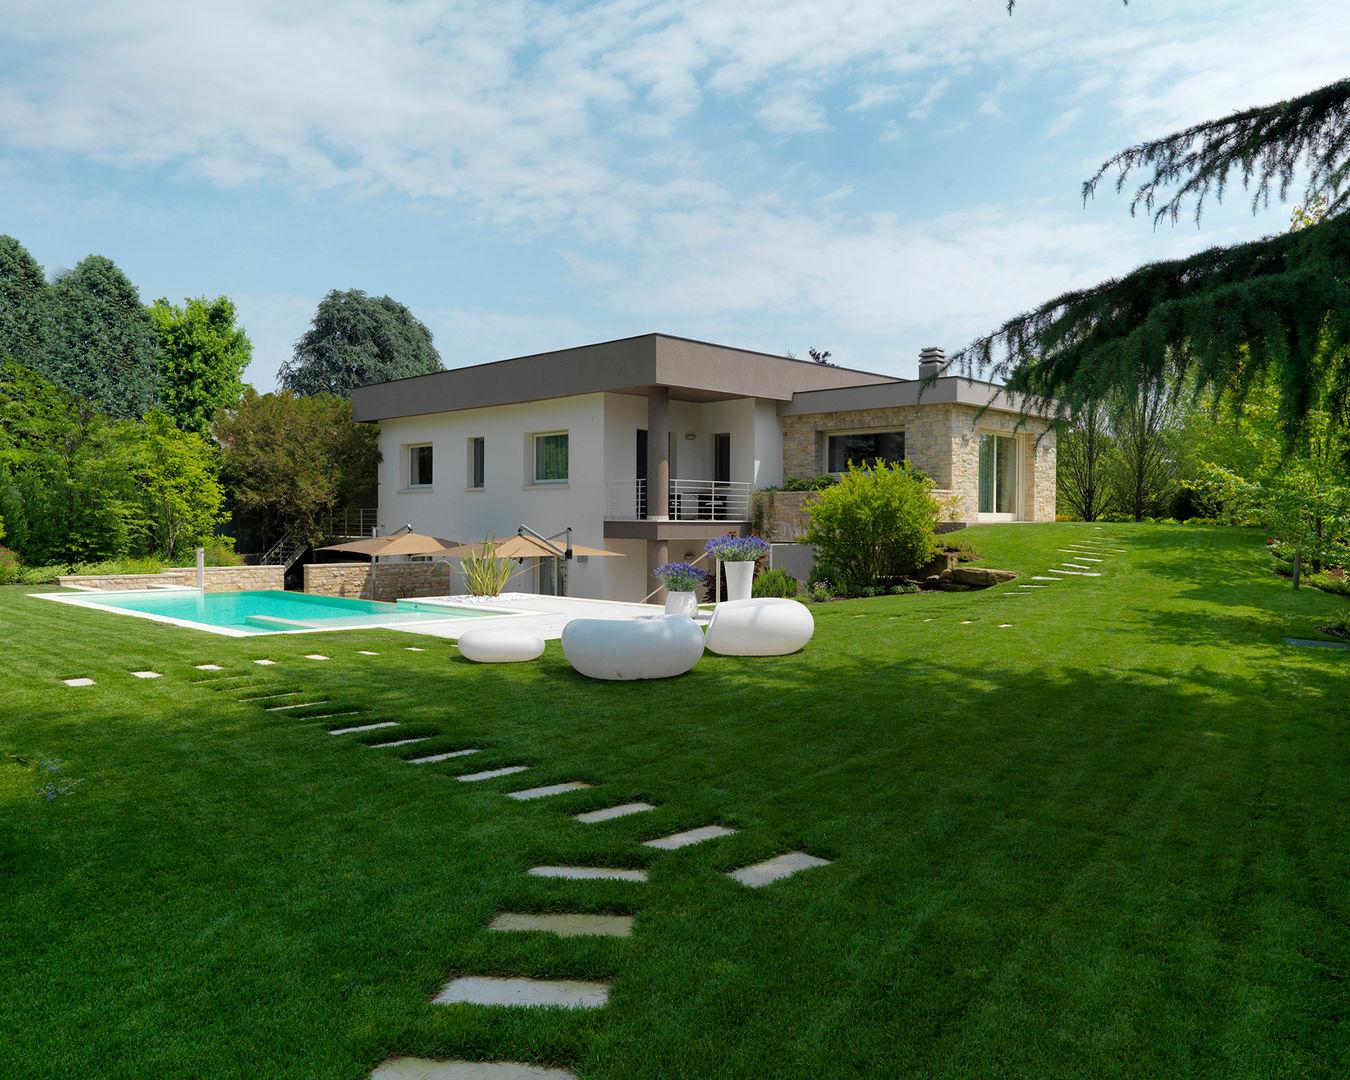 Idee arredamento casa interior design homify - Giardino con piscina ...